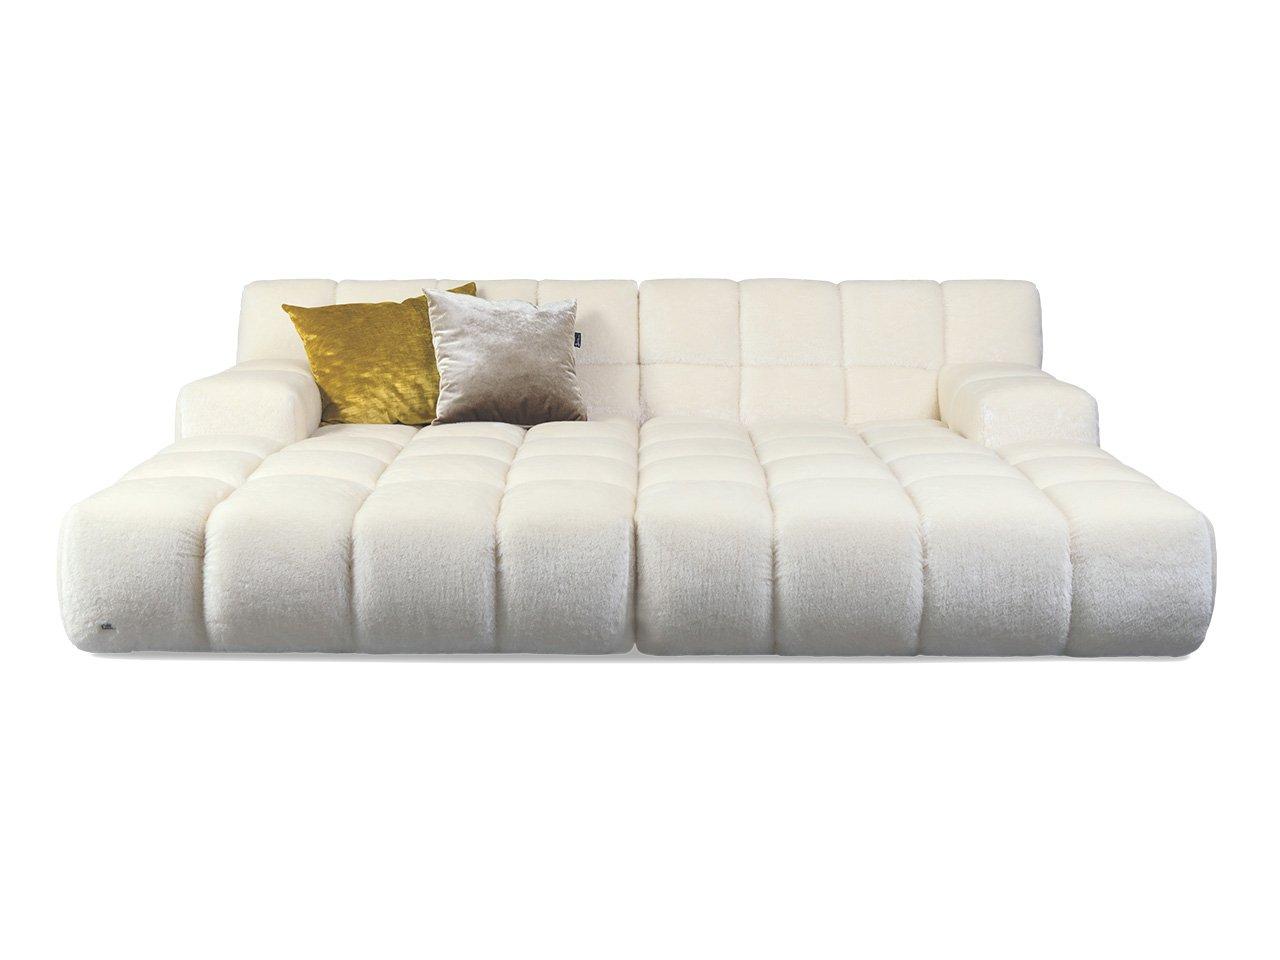 riesen sofa amazing big sofa xxl das beste von big sofa xxl design couch cardiff with riesen. Black Bedroom Furniture Sets. Home Design Ideas